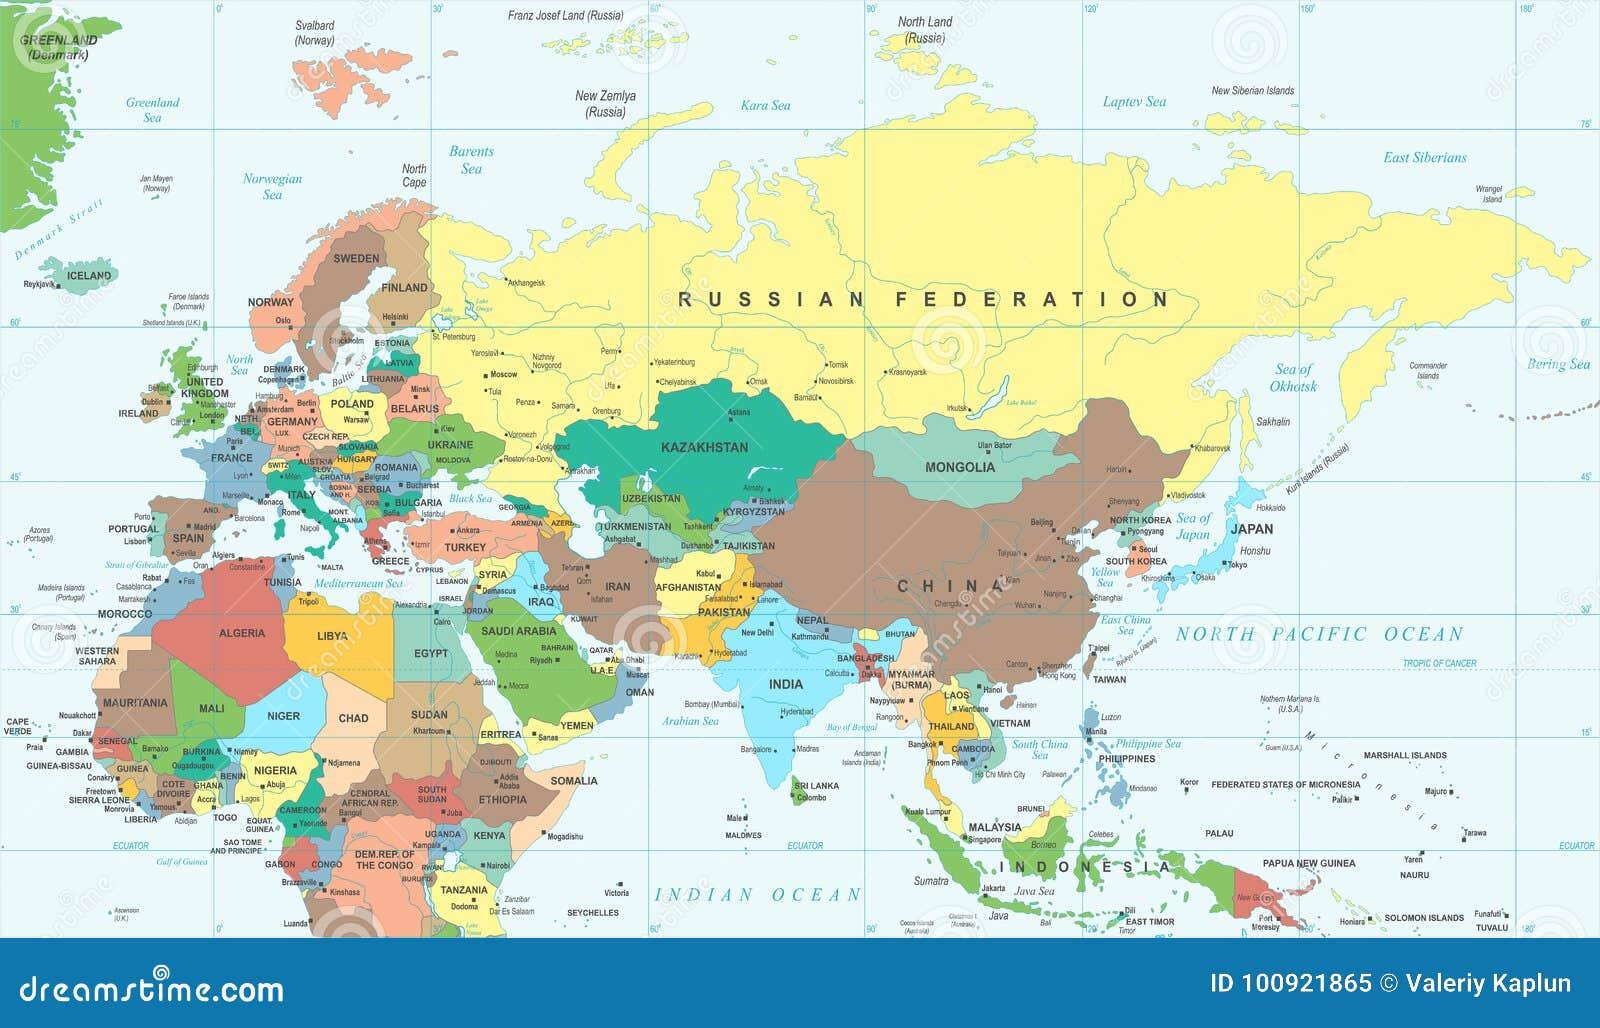 Thailande Et Indonesie Carte.Carte De L Indonesie Thailande Afrique D Inde De La Russie